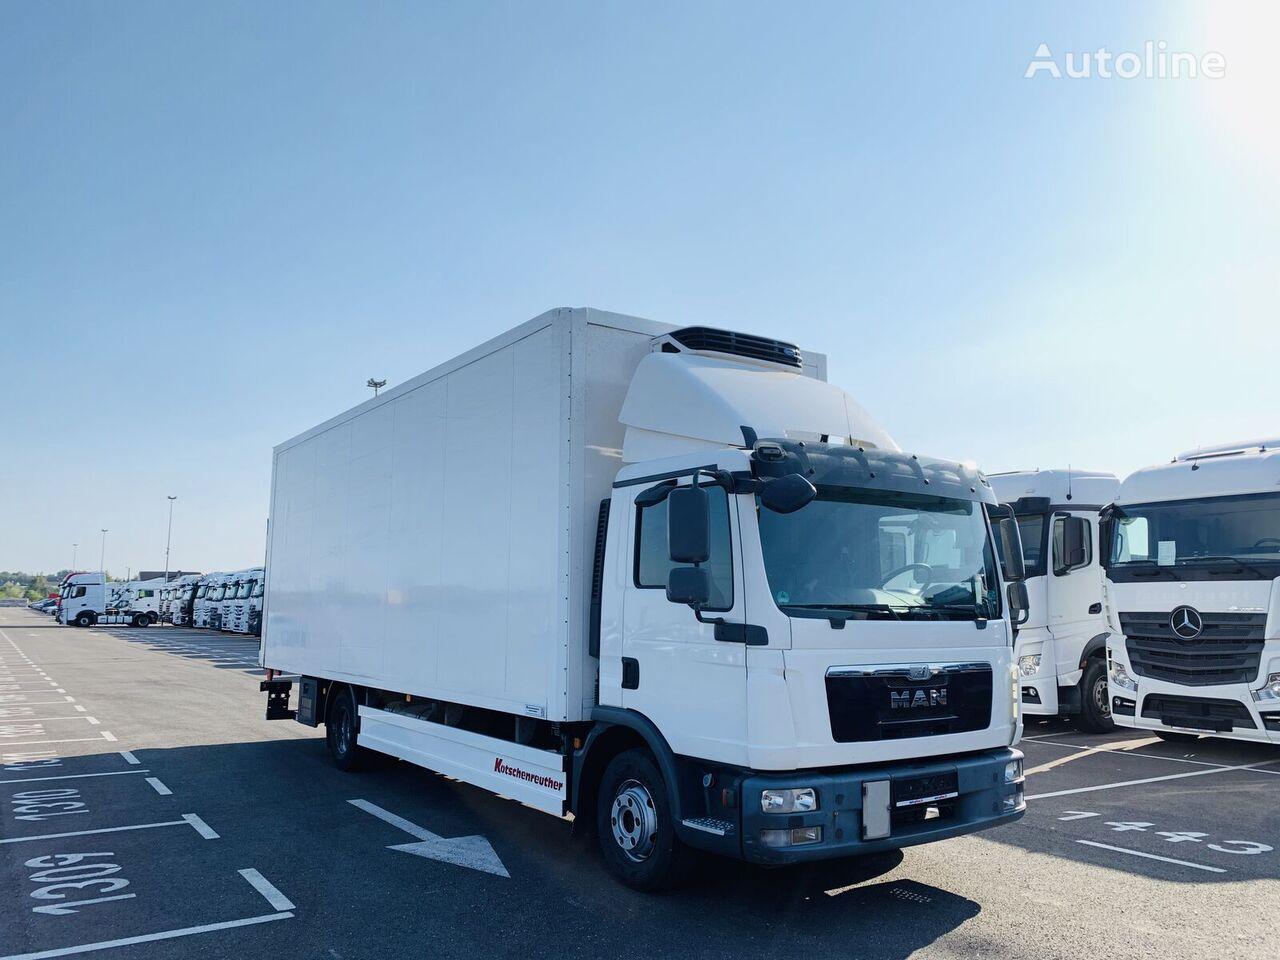 MAN TGL 12.250 Saldytuvas camión frigorífico